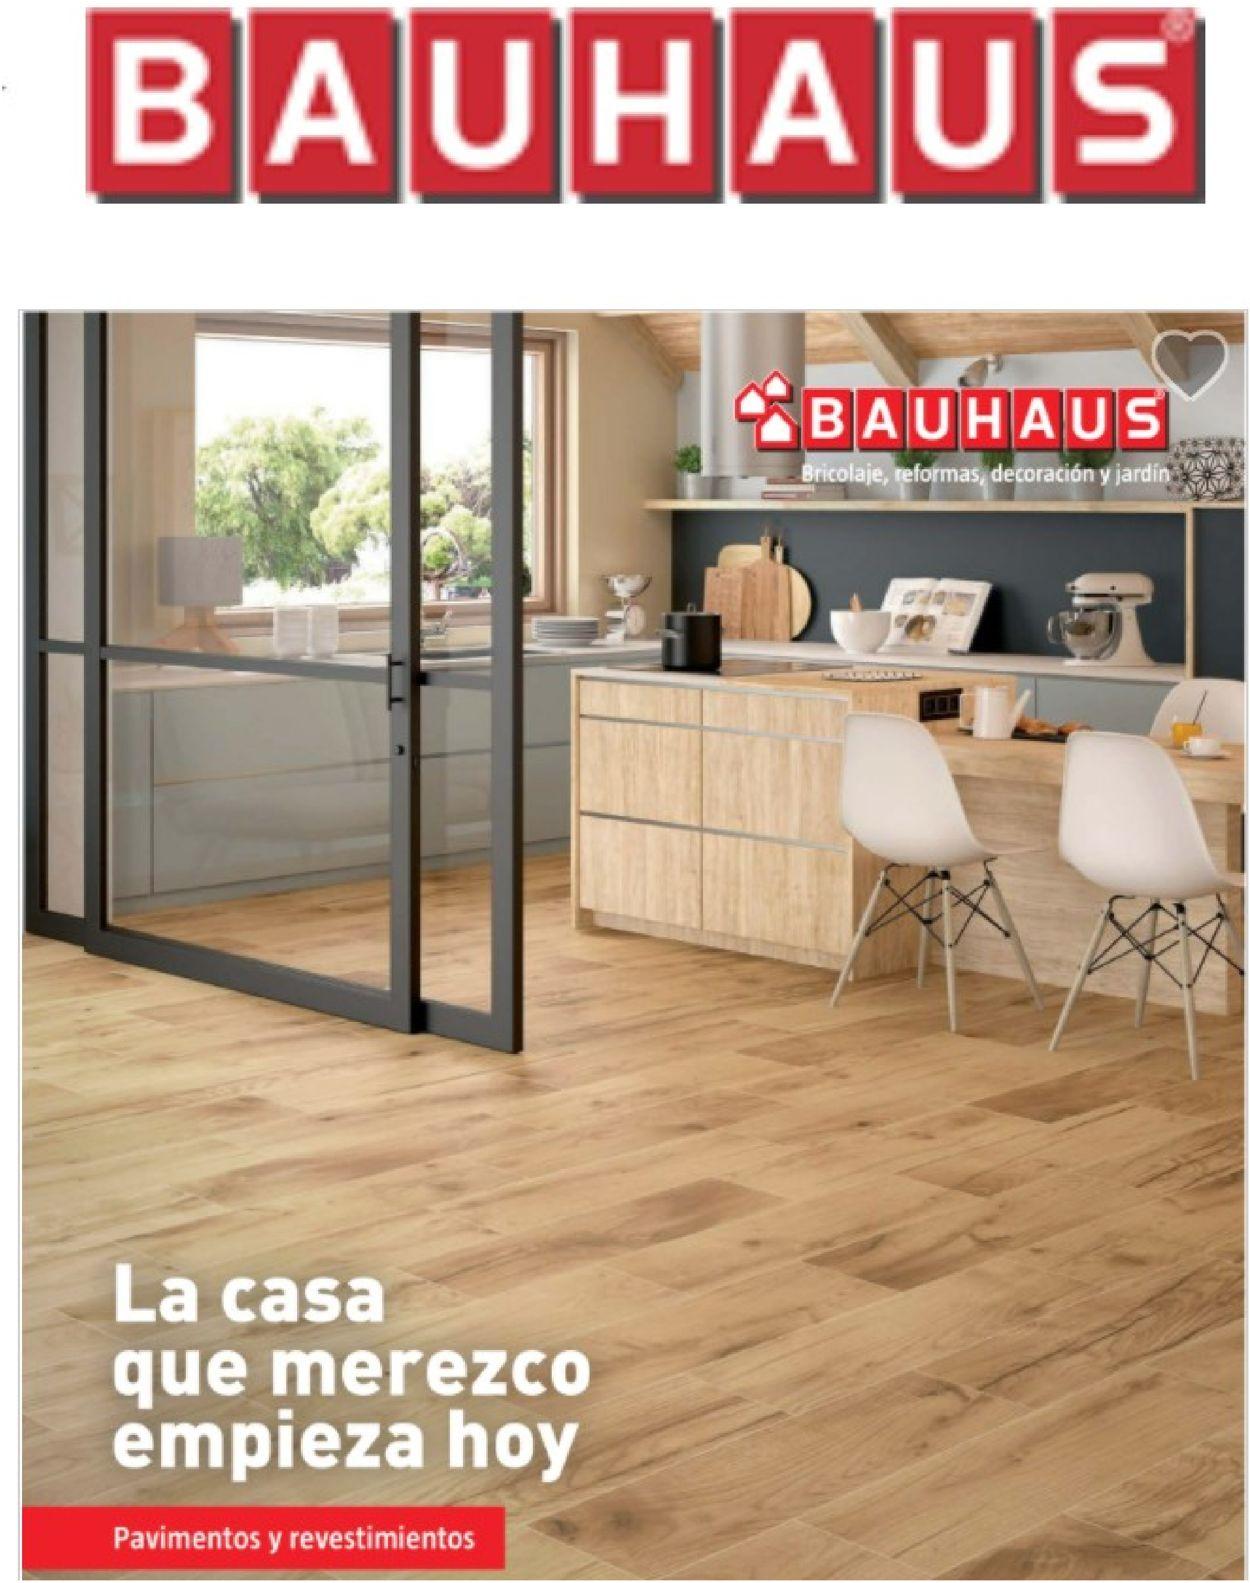 Bauhaus Folleto - 19.07-20.08.2021